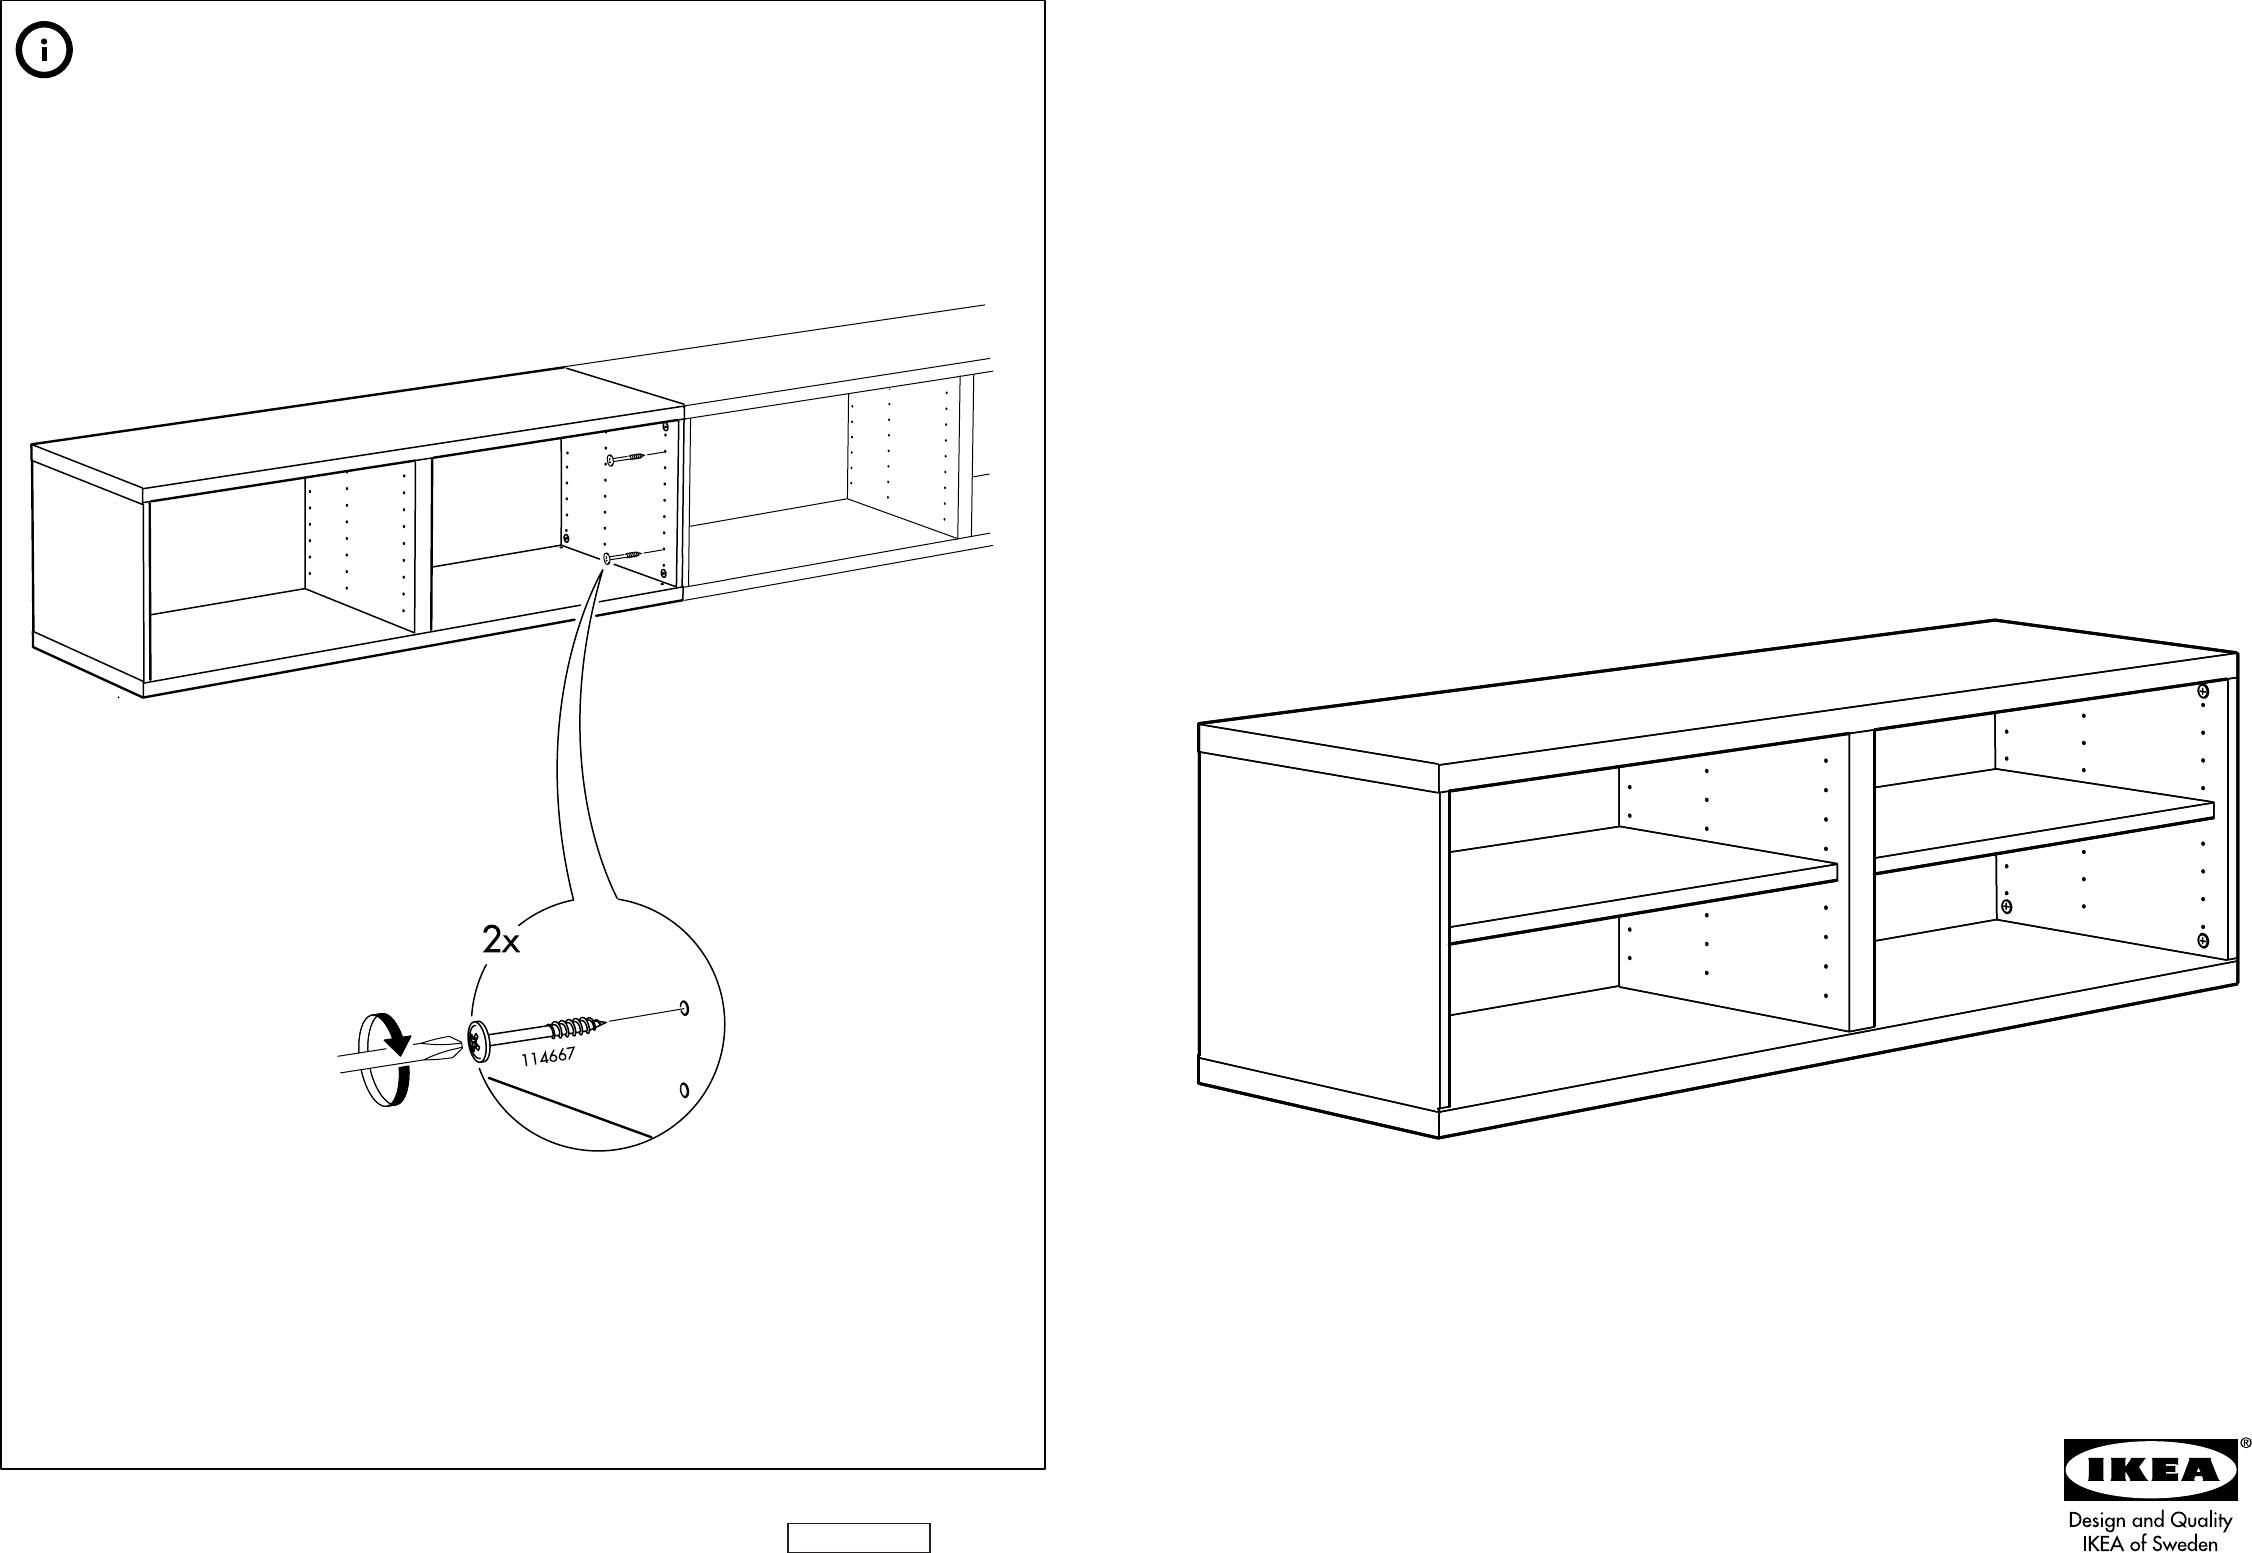 Bedienungsanleitung Ikea Besta 8 Seiten